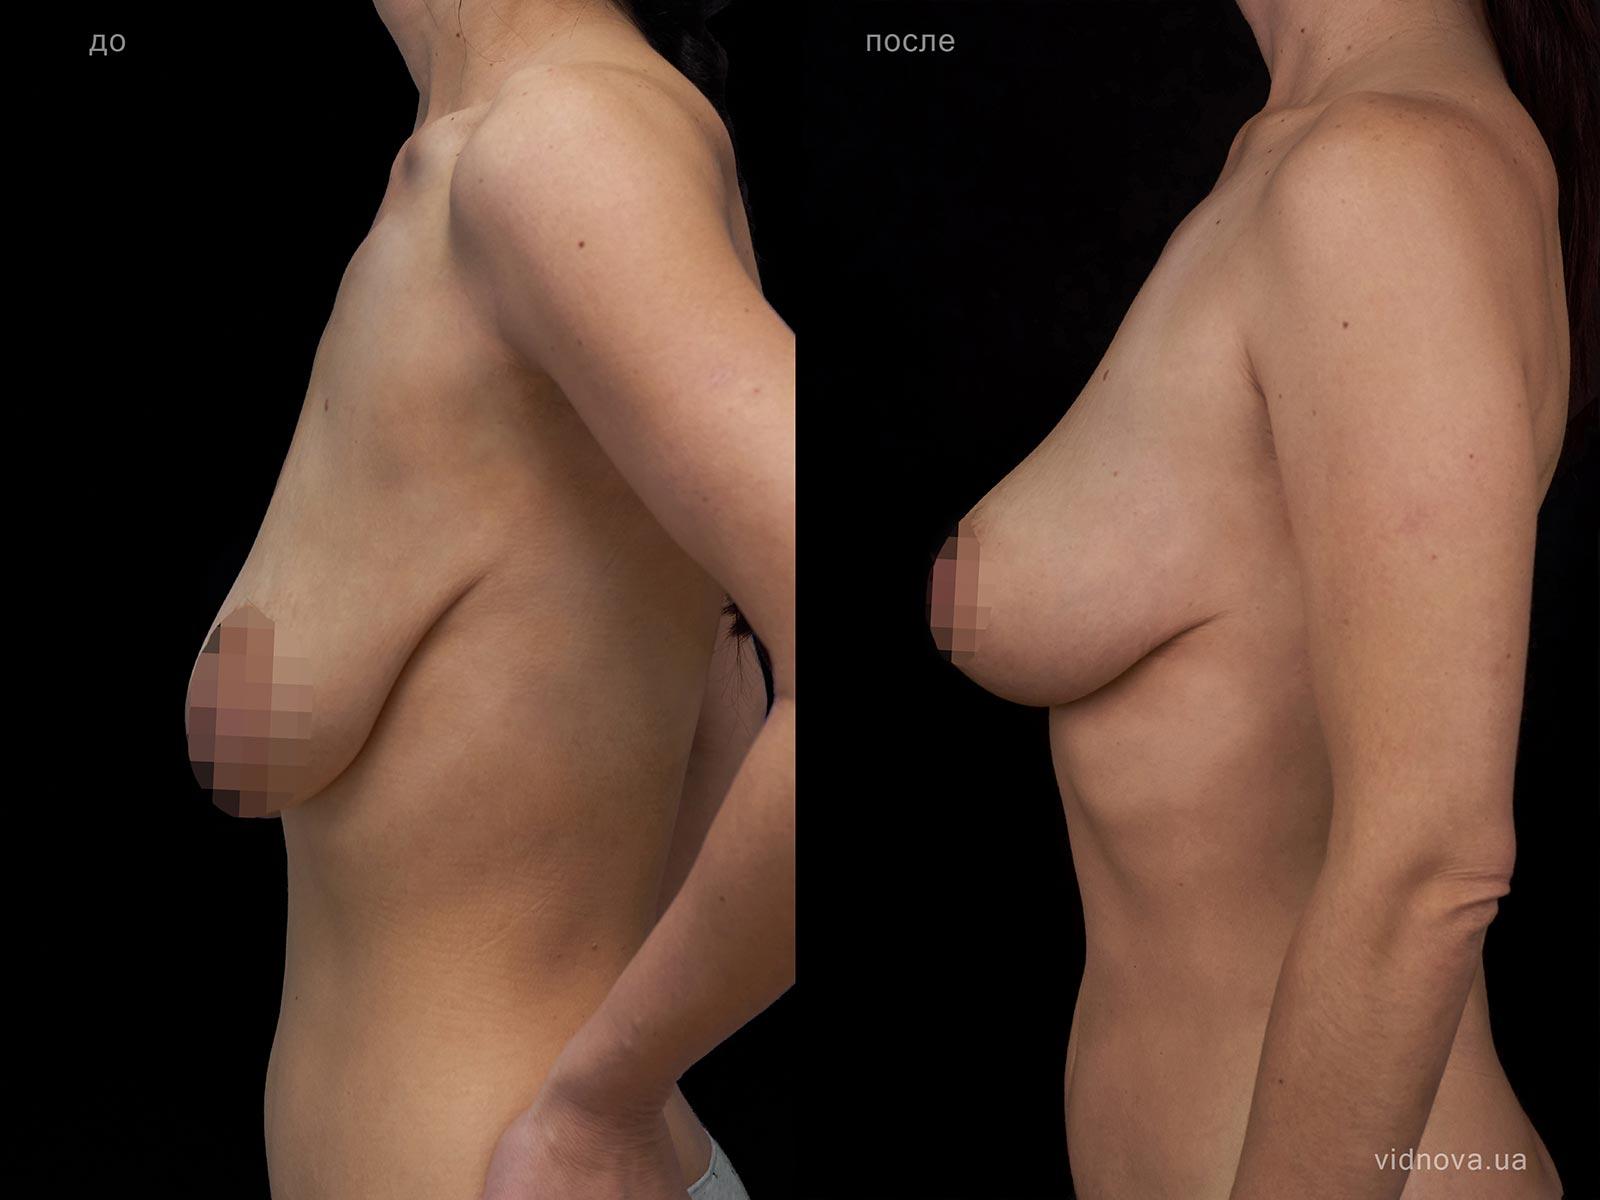 Пластика груди: результаты до и после - Пример №104-2 - Светлана Работенко